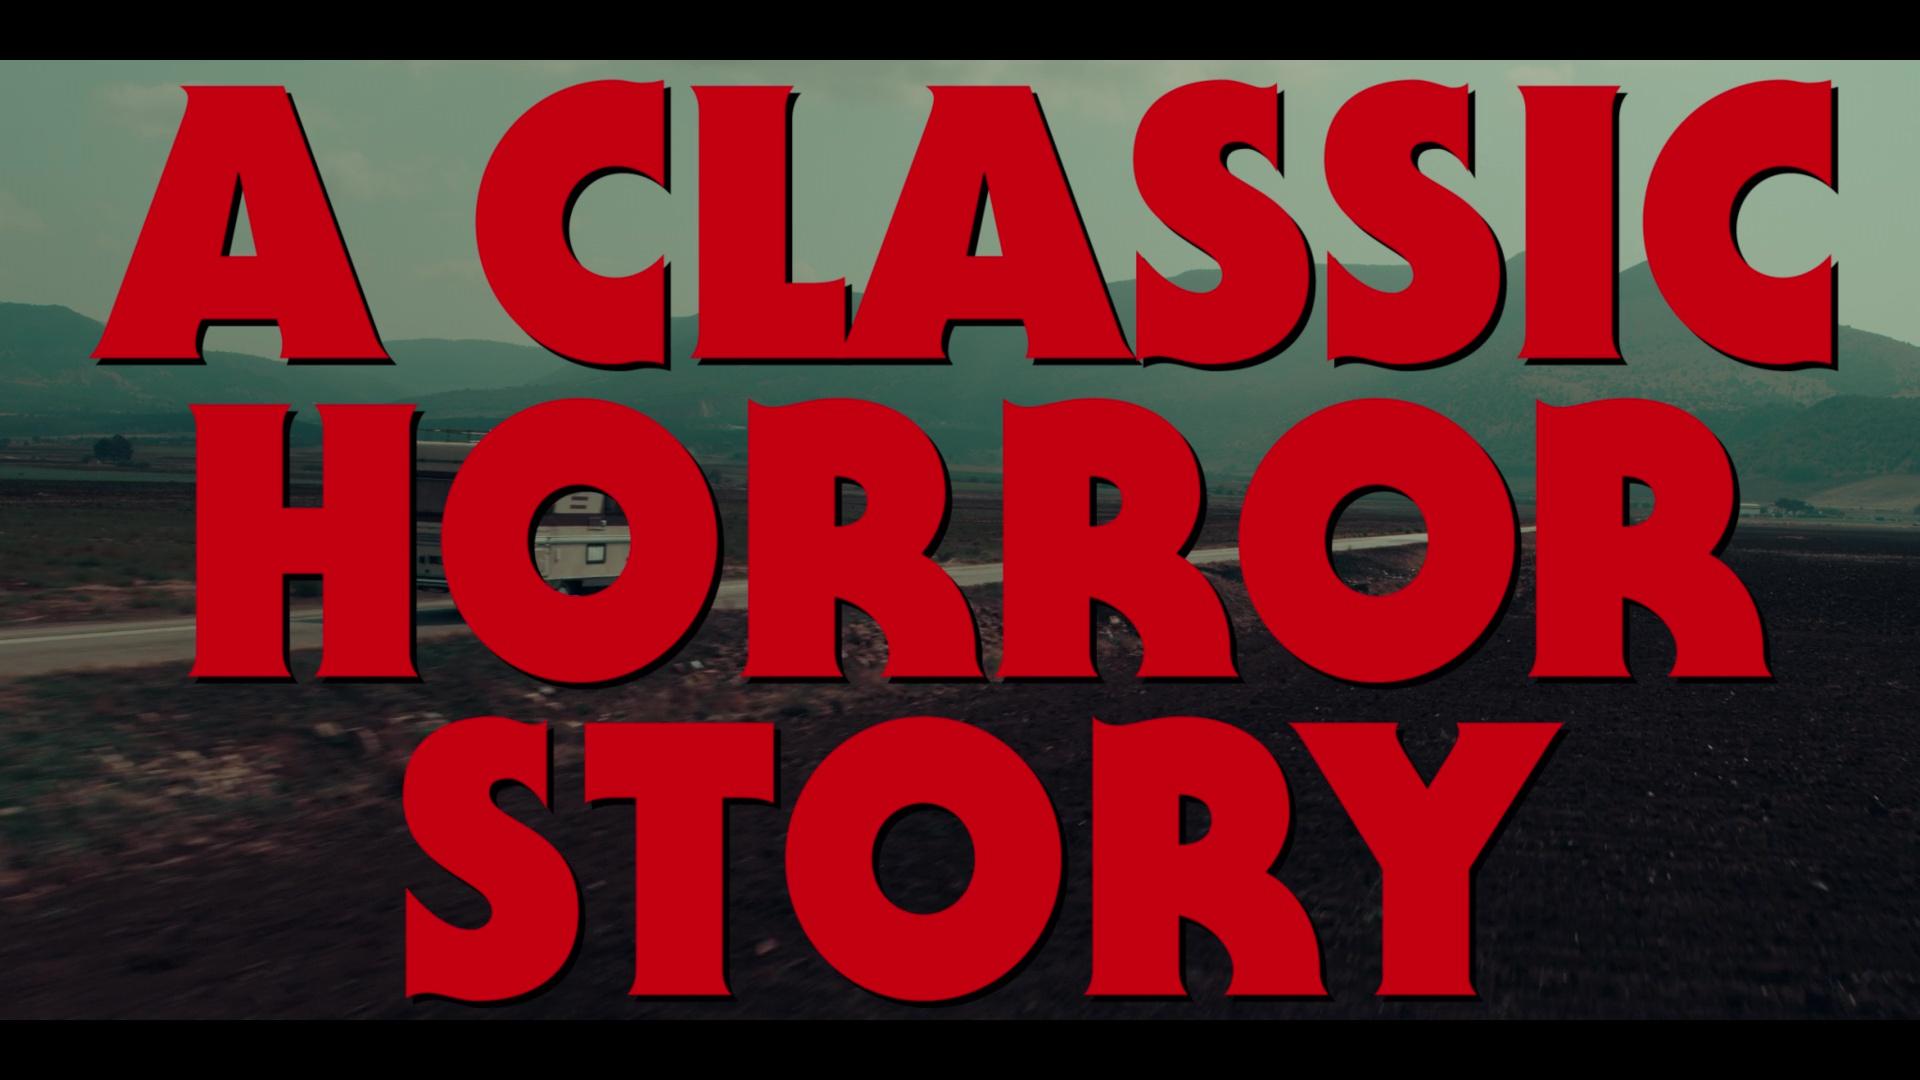 La clásica historia de terror (2021) 1080p WEB-DL Latino